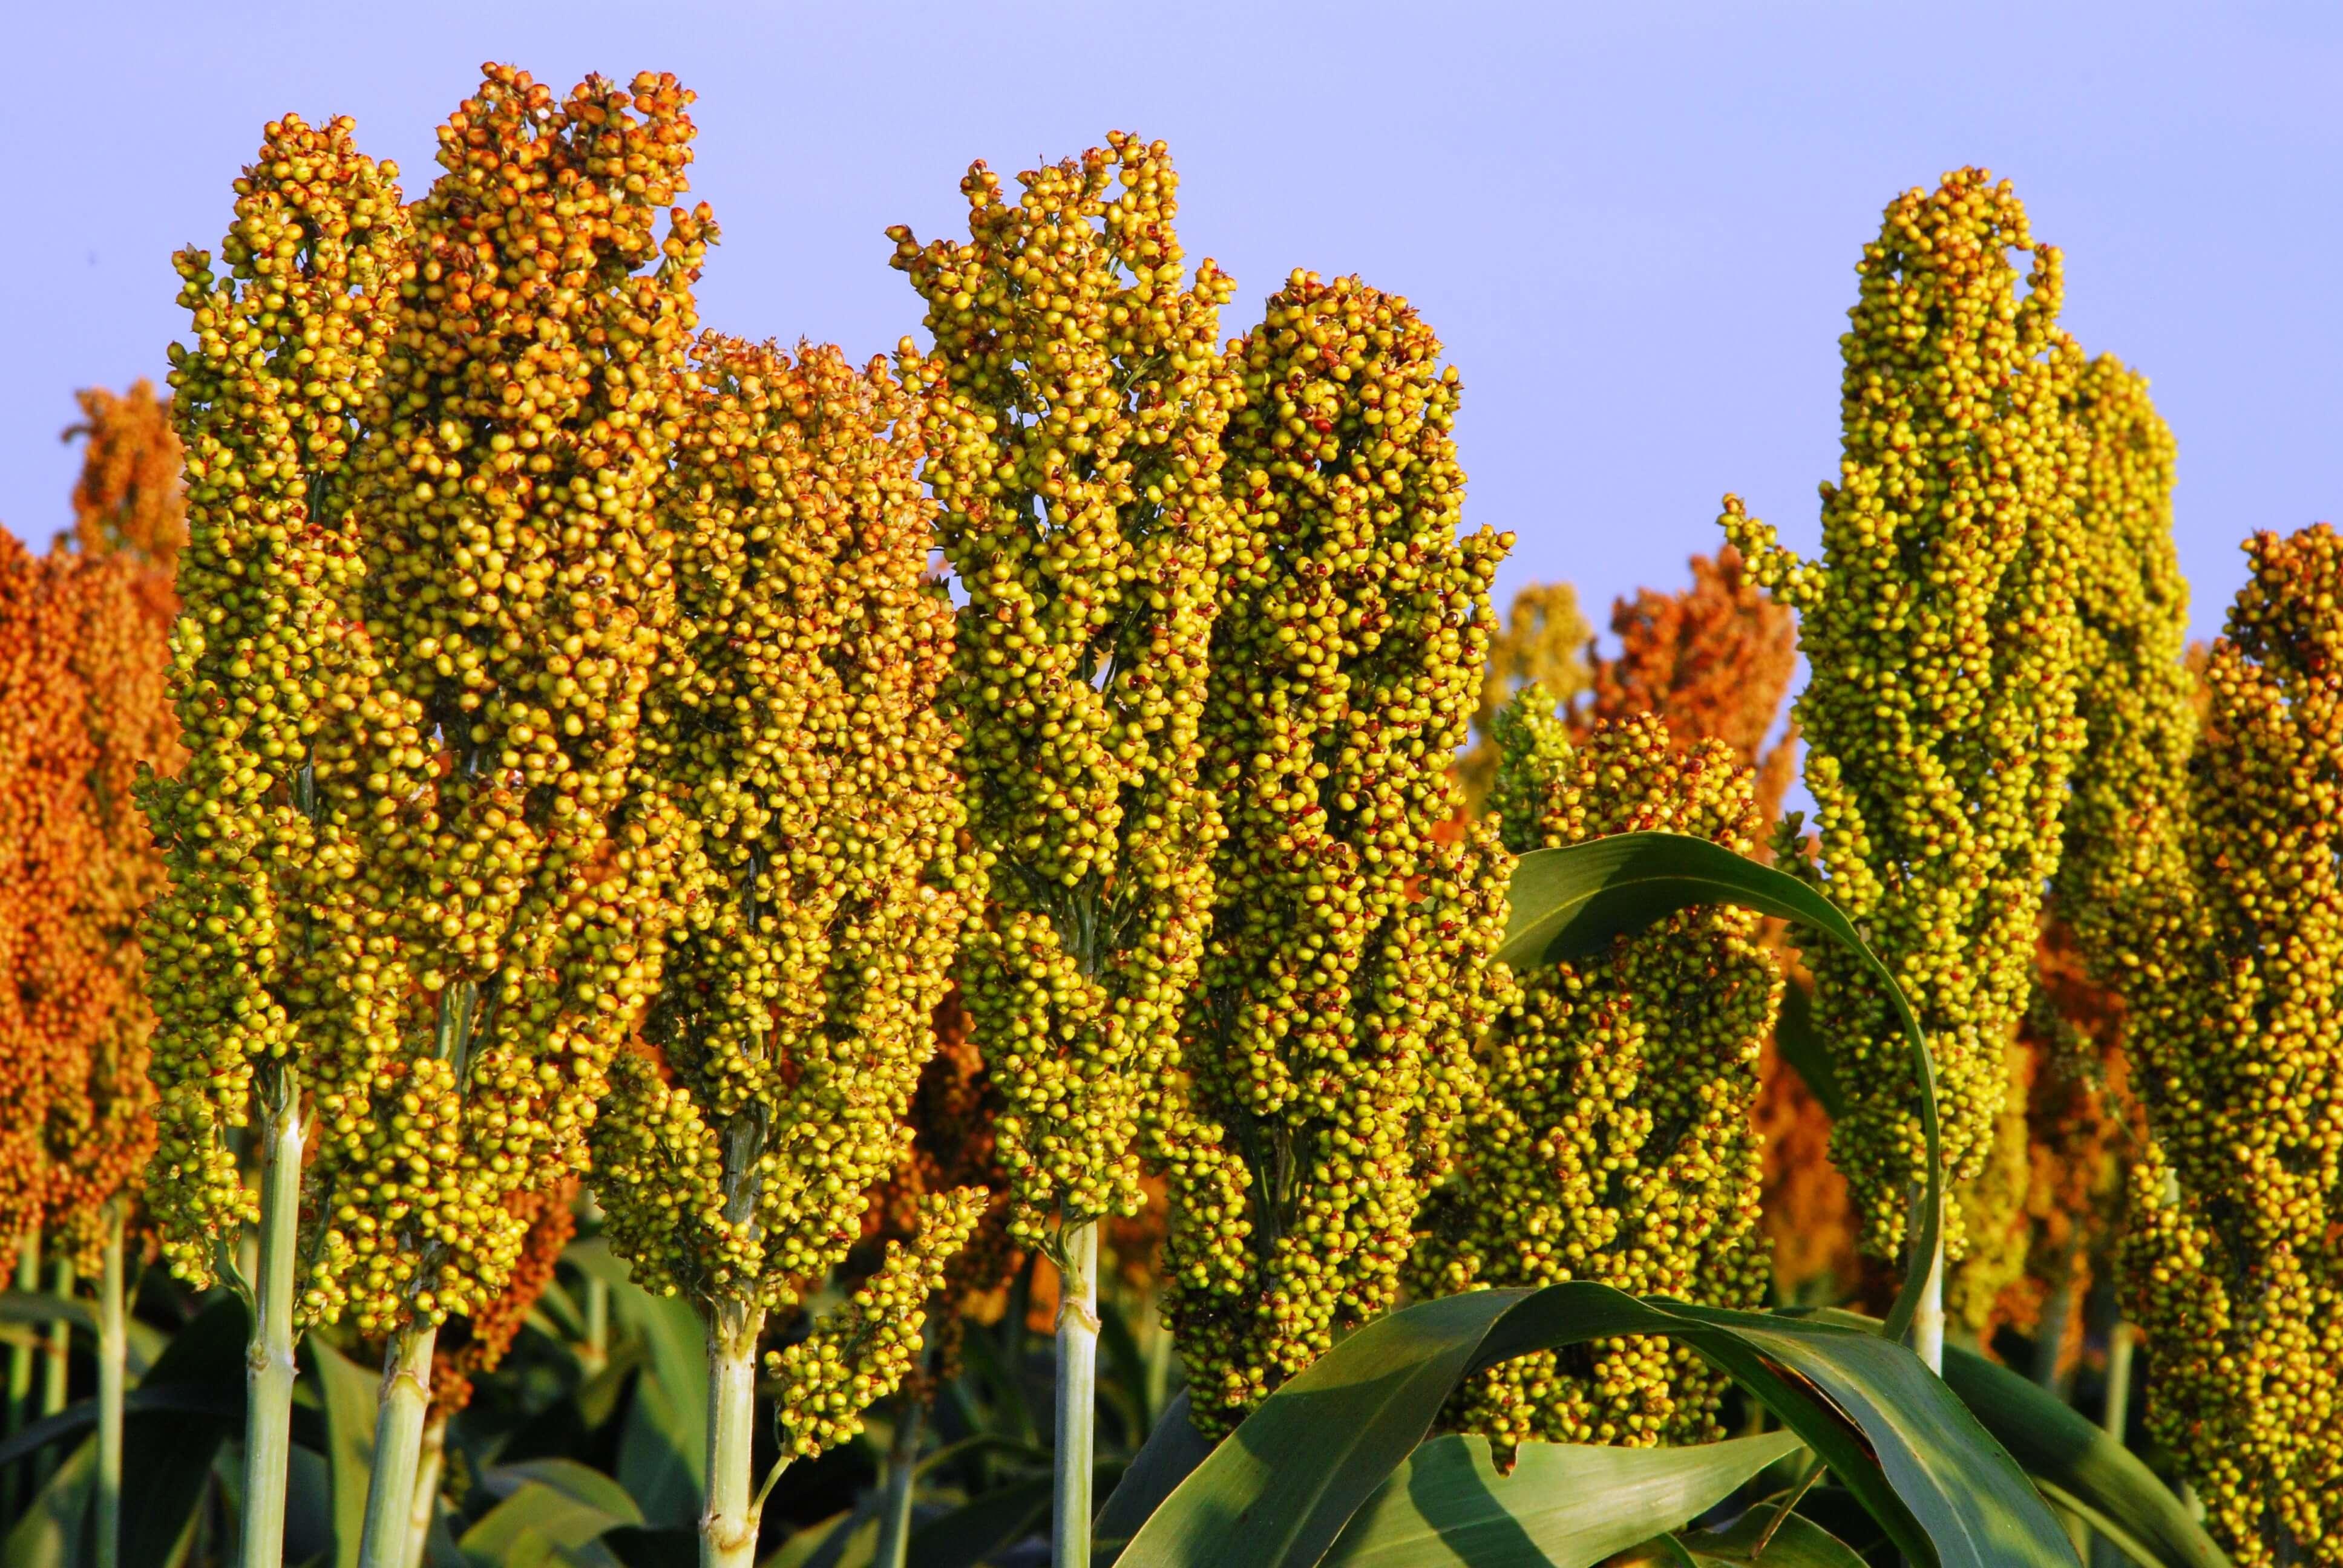 Сорго зерновое: применение и технология выращивания, фото, норма высева на 1 га, описание семян сорго